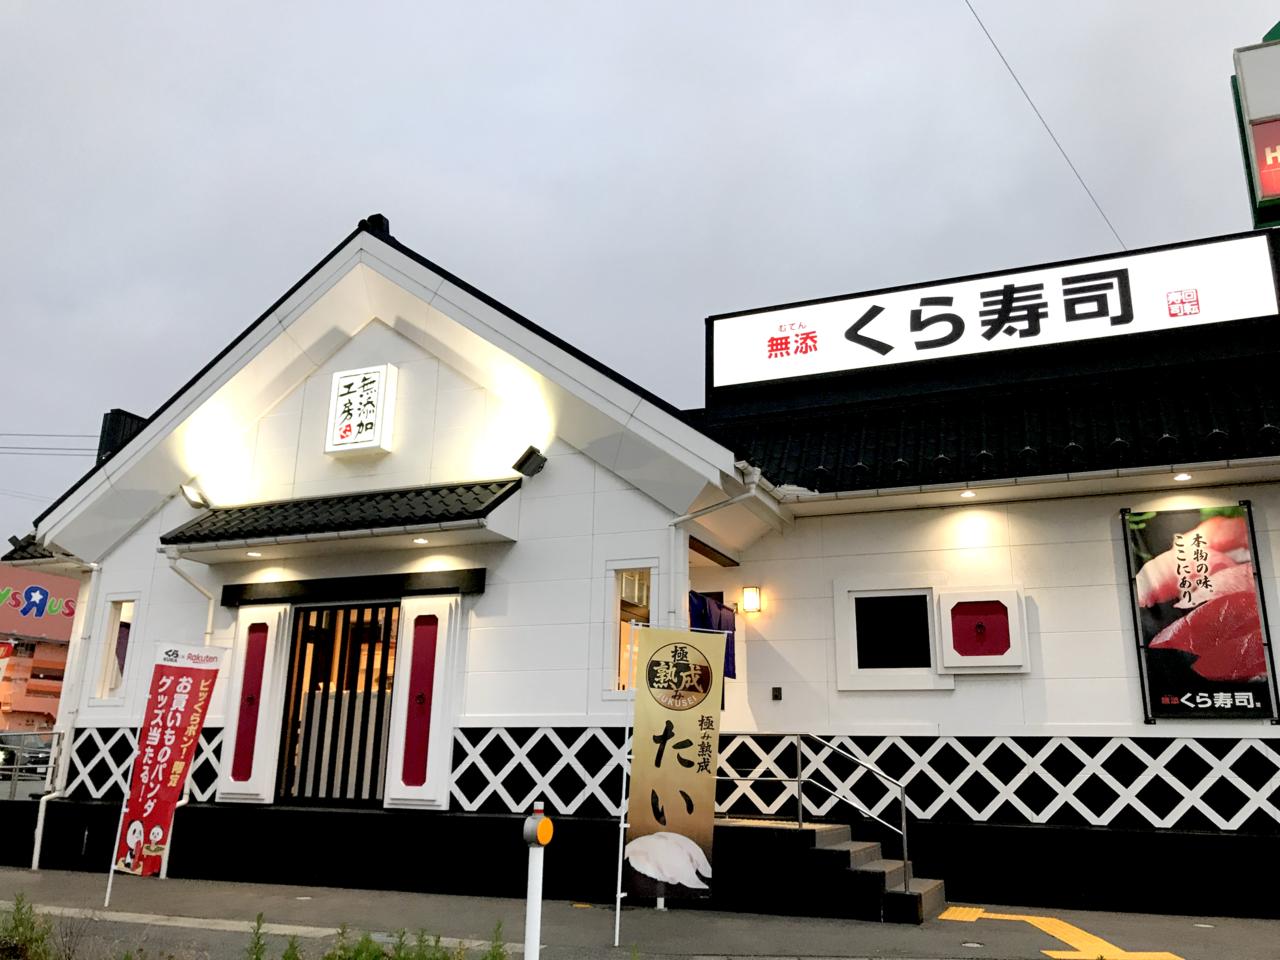 西日本 メニュー 寿司 くら 持ち帰り